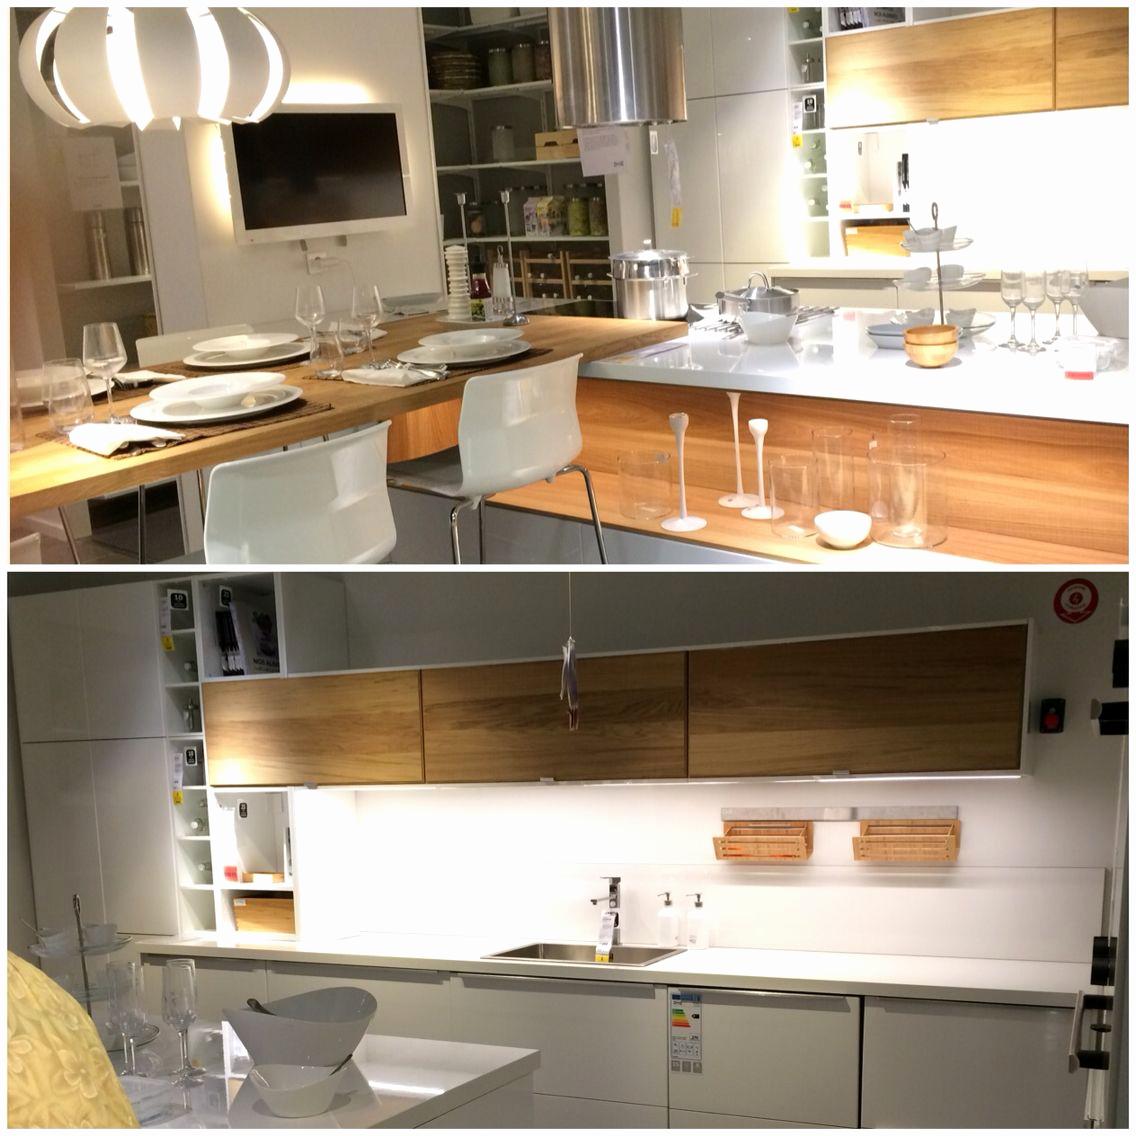 Ikea Cuisine Ringhult Frais Images Cuisine Ringhult Blanc Beau Cuisine Ikea Ekestad Ringhult Idées